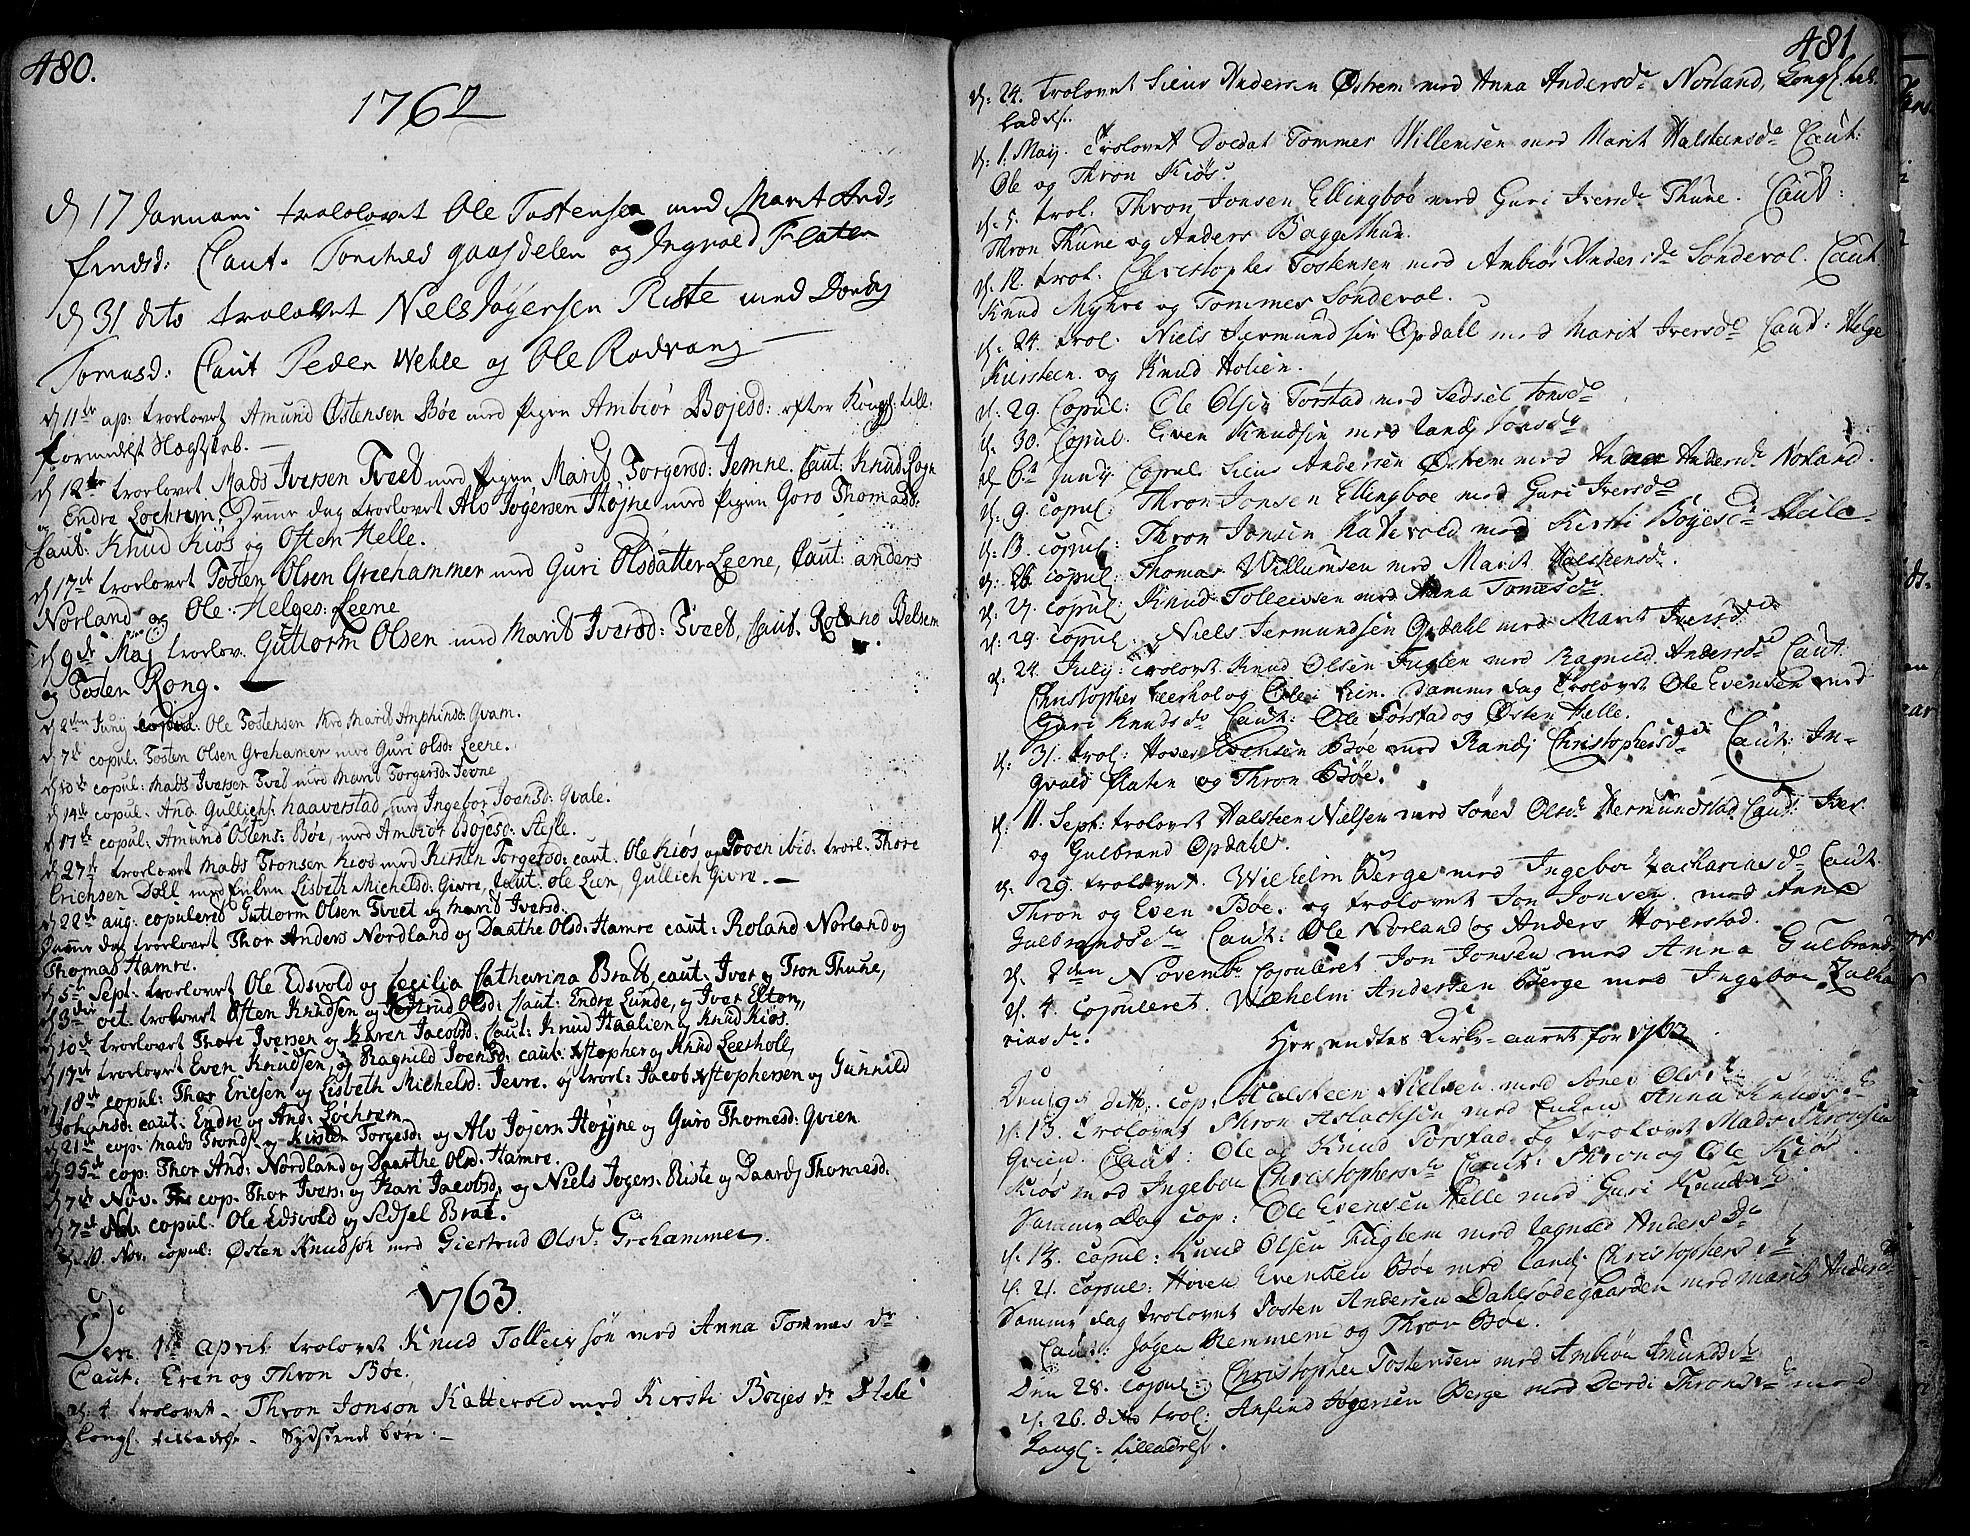 SAH, Vang prestekontor, Valdres, Ministerialbok nr. 1, 1730-1796, s. 480-481